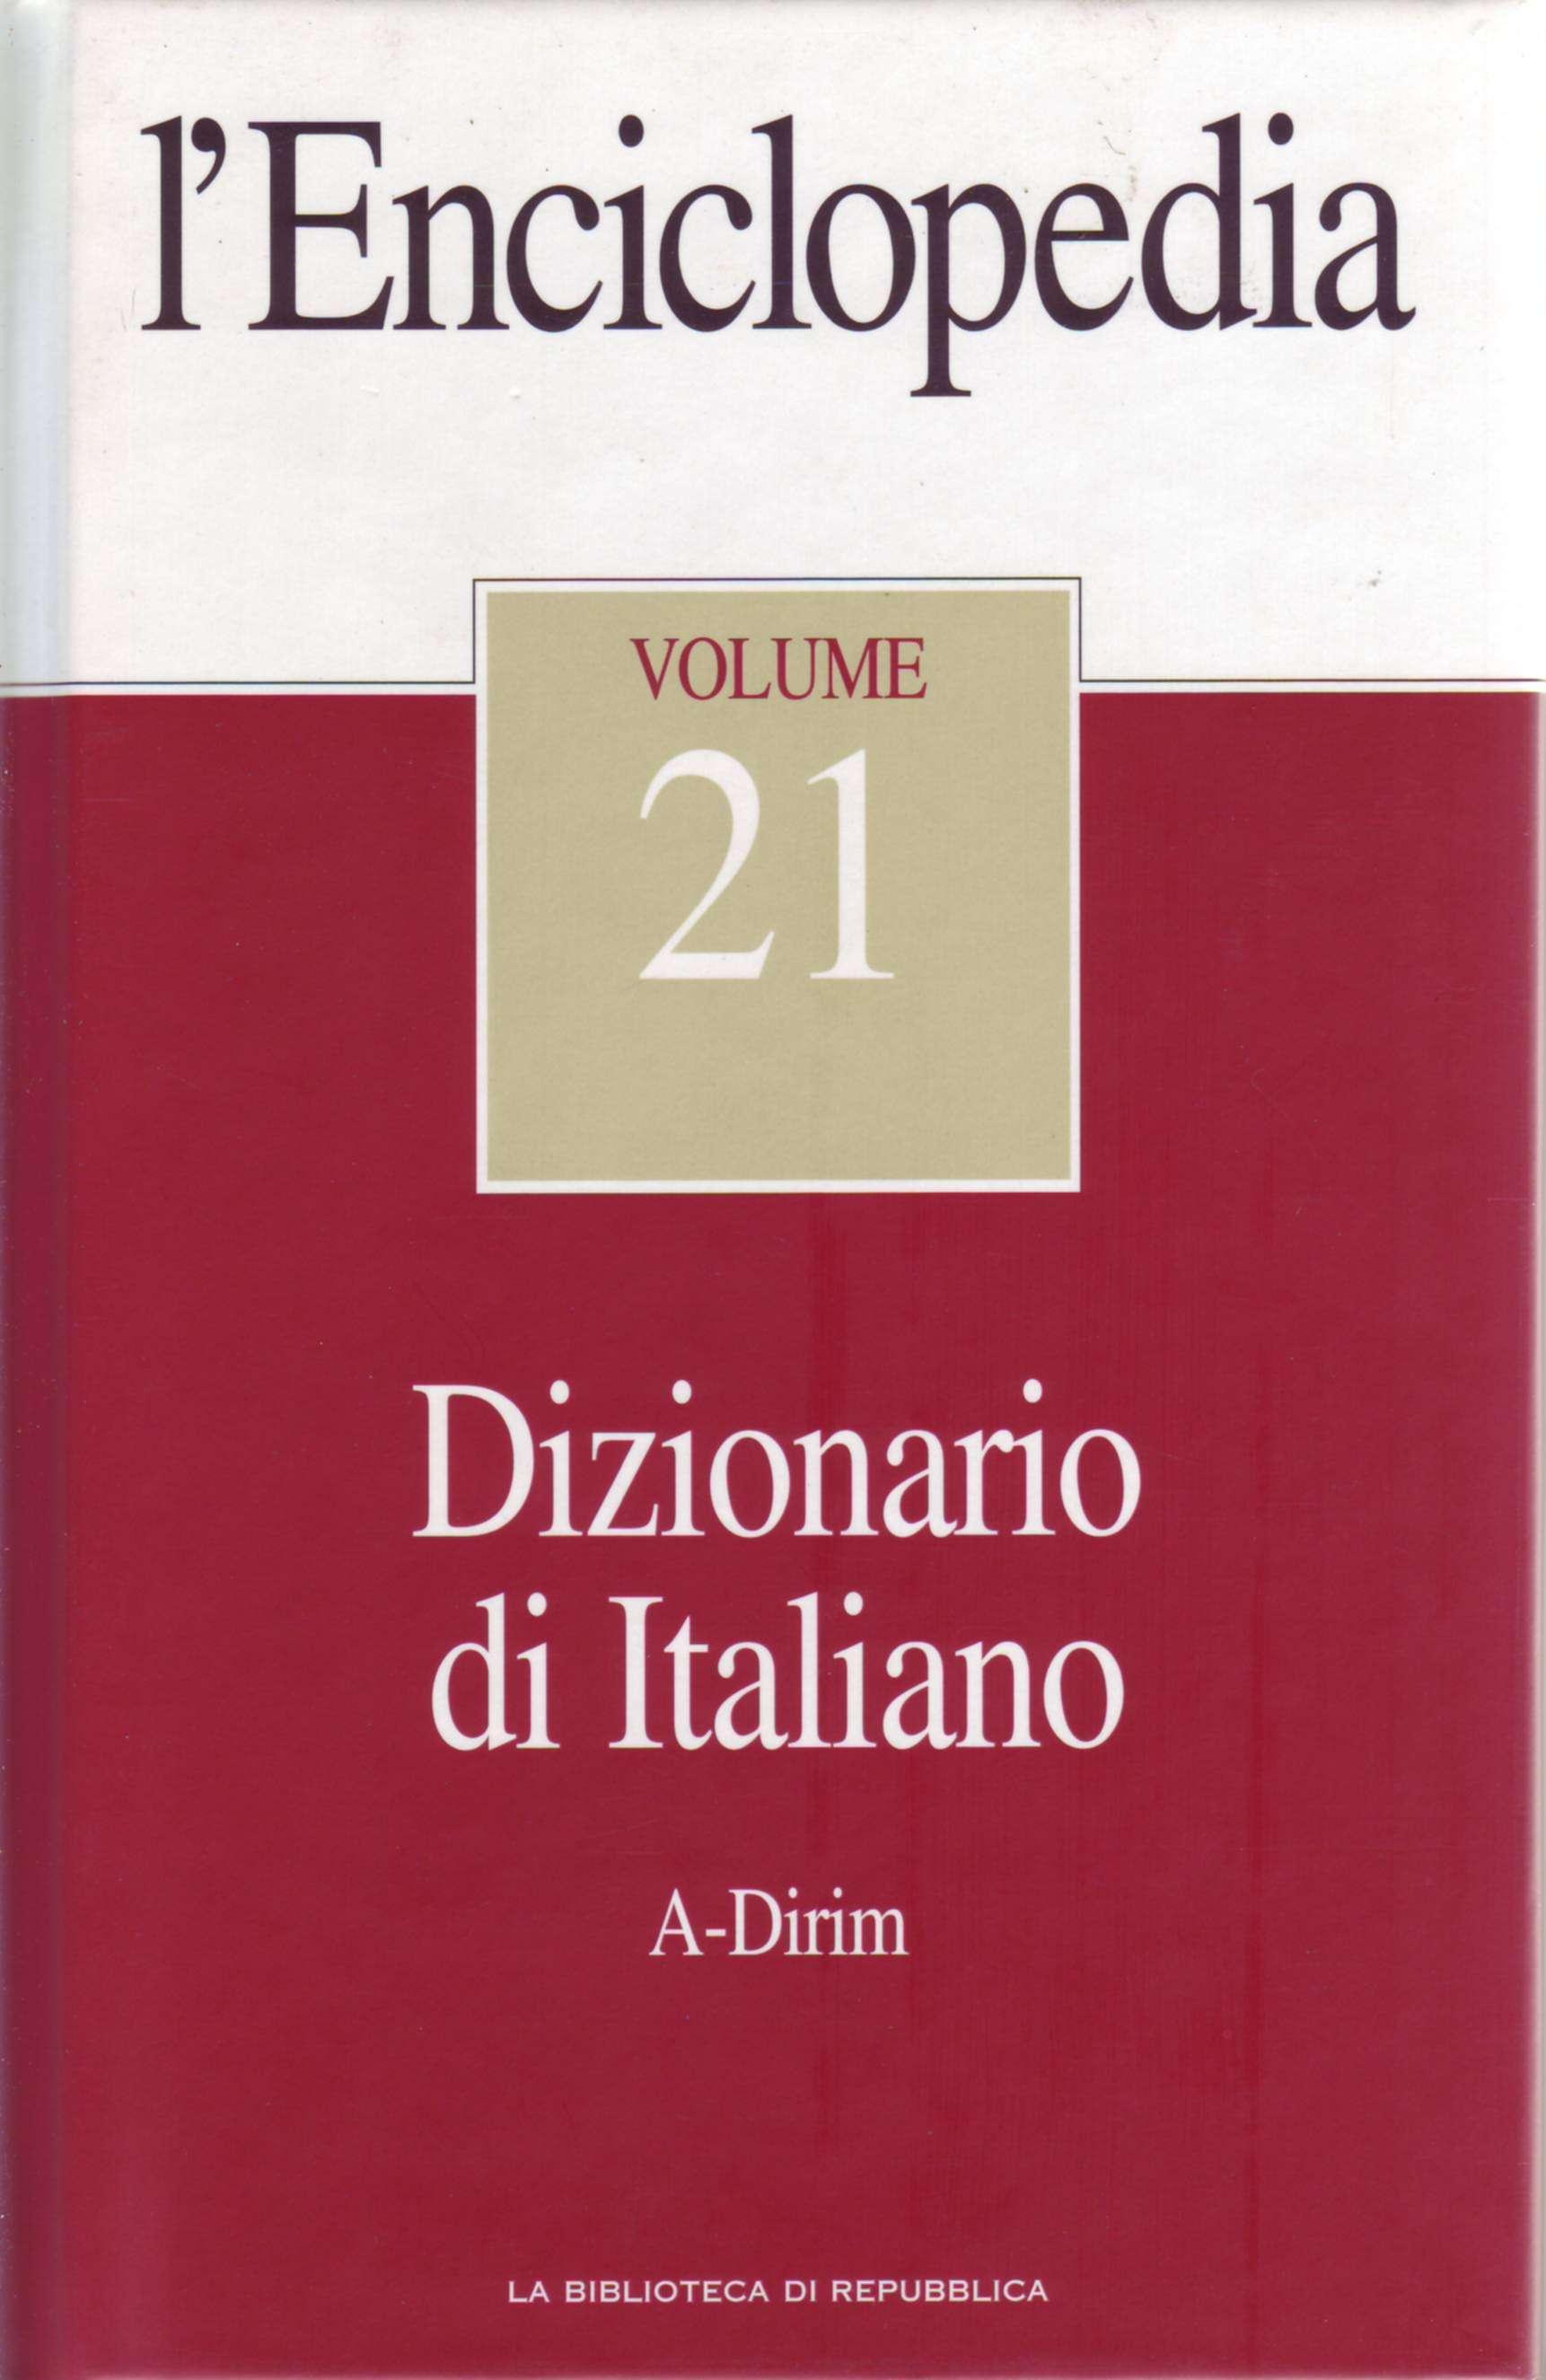 L'Enciclopedia - Vol. 21 - Dizionario di Italiano 1